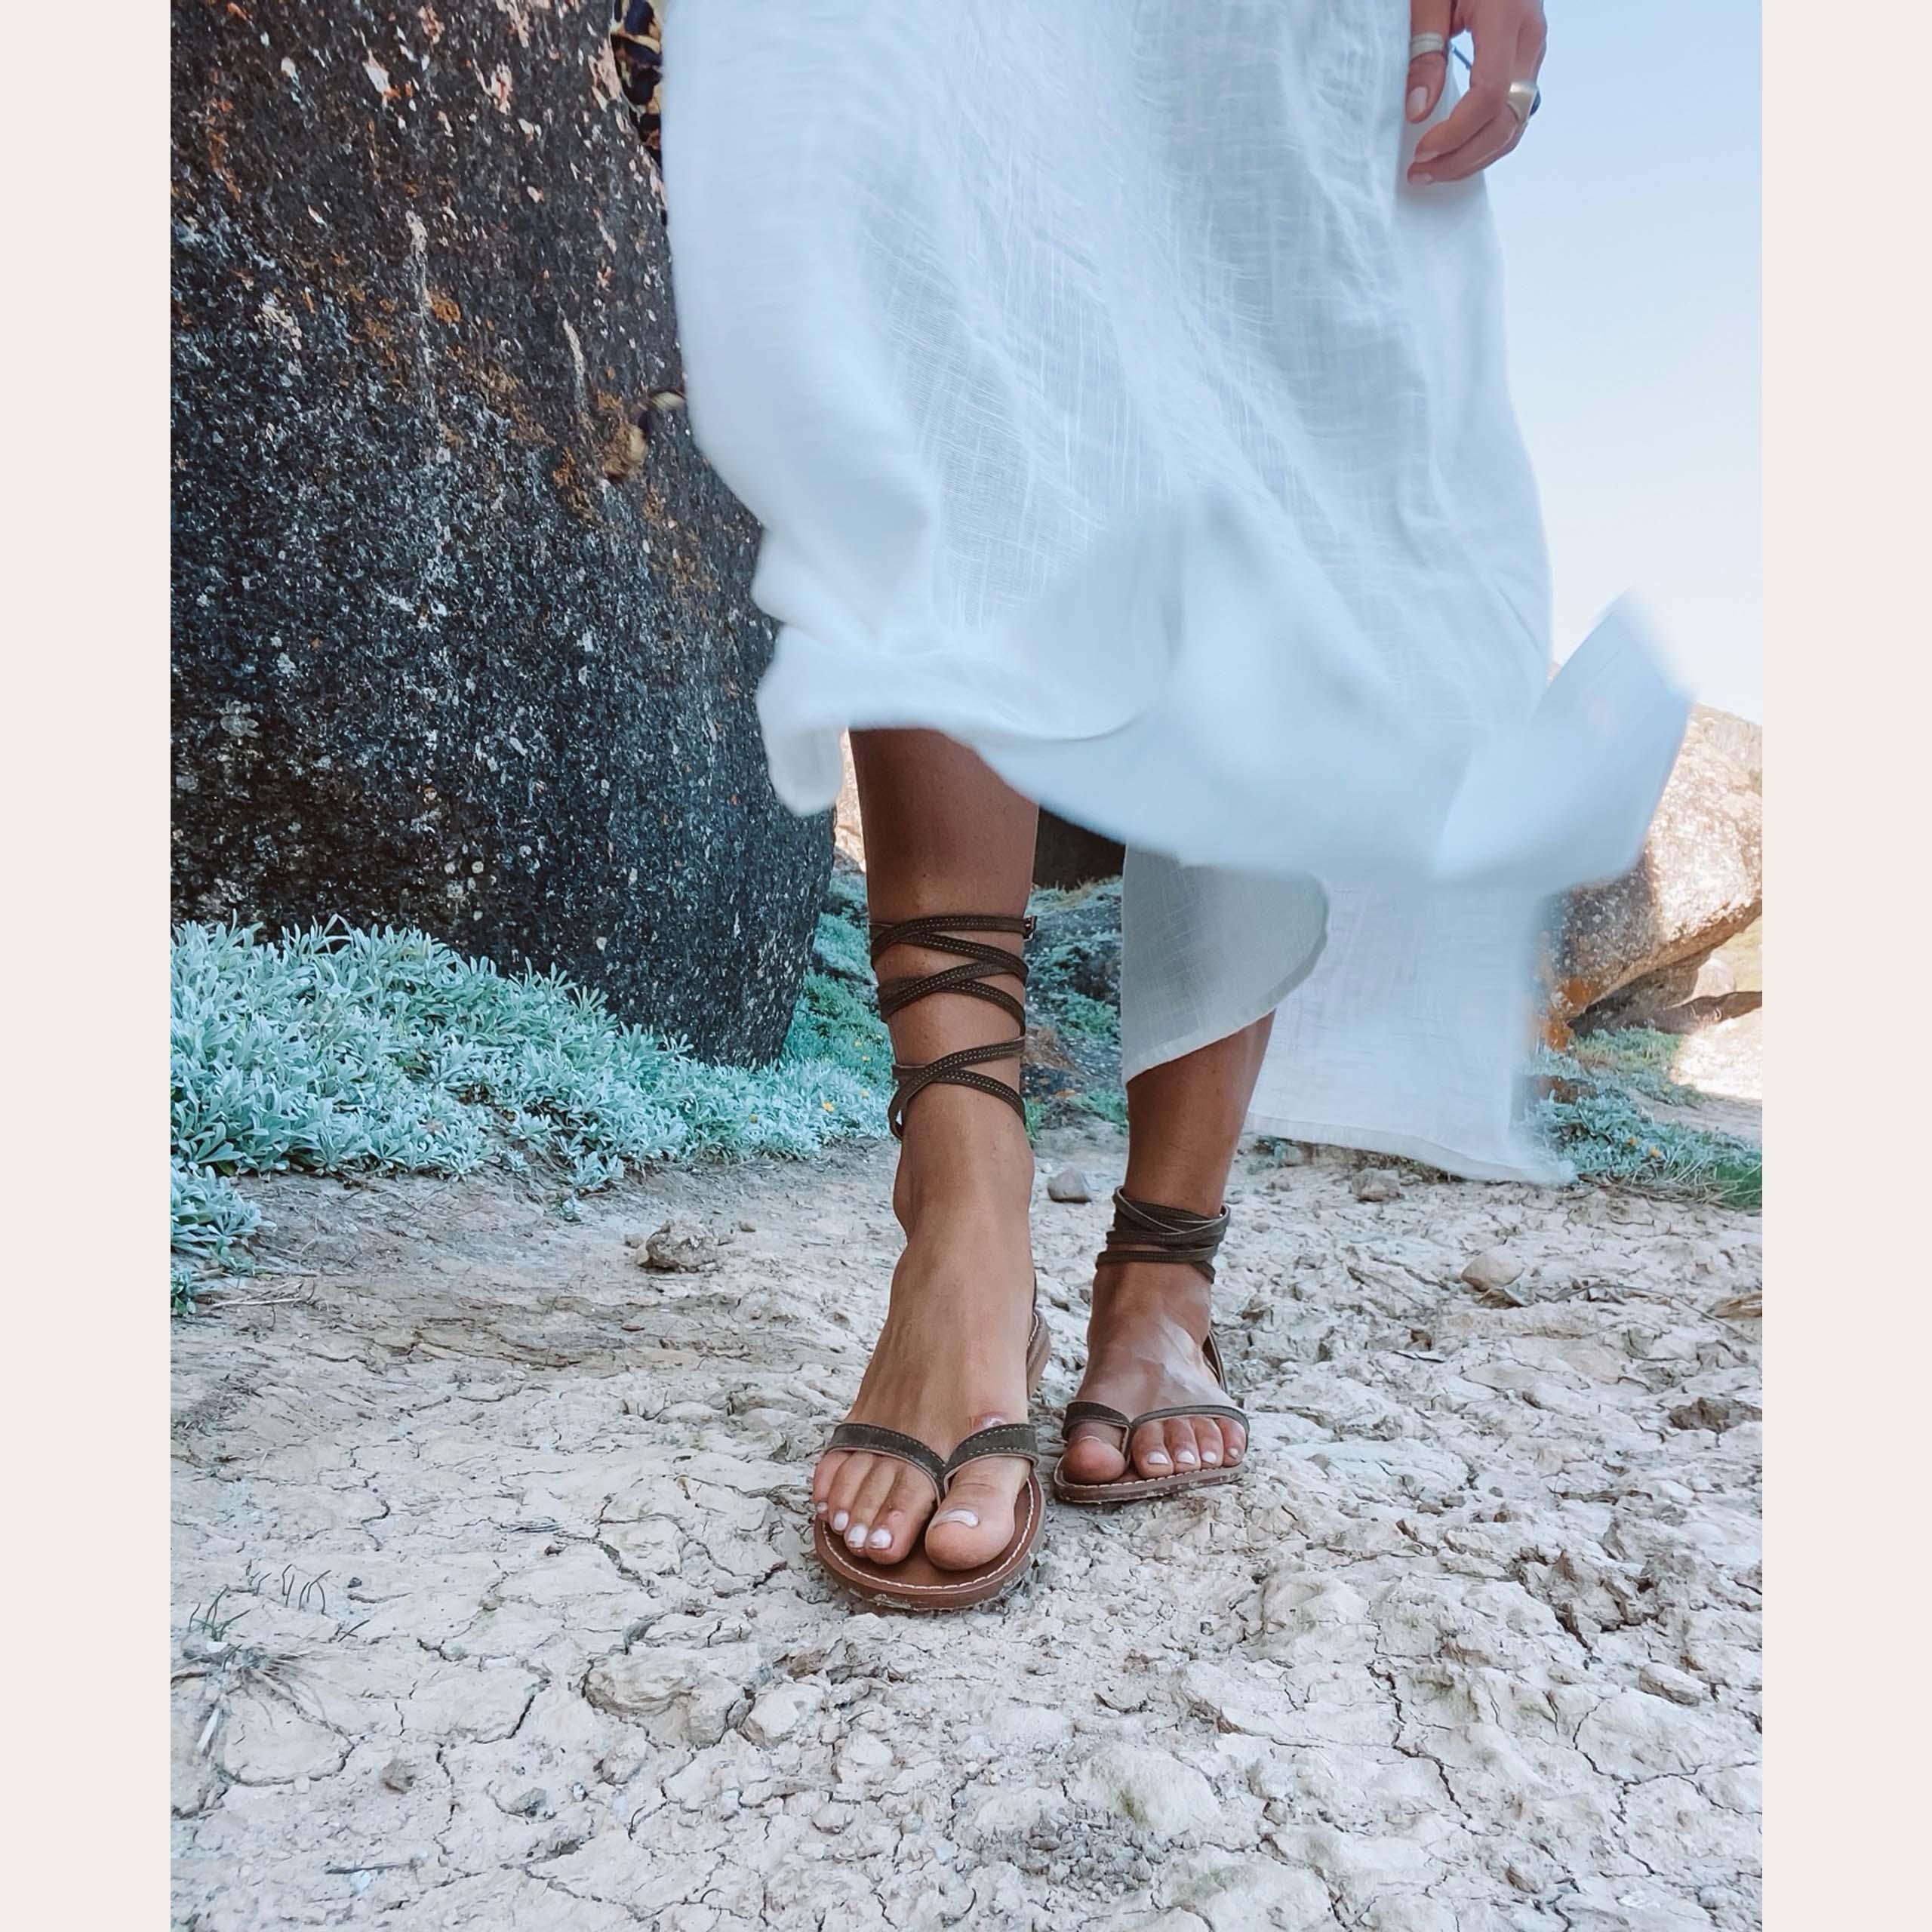 sierra-khaki_lintsandalen sandals travelsandals vegan sustainable sandals wikkelsandalen kopiëren